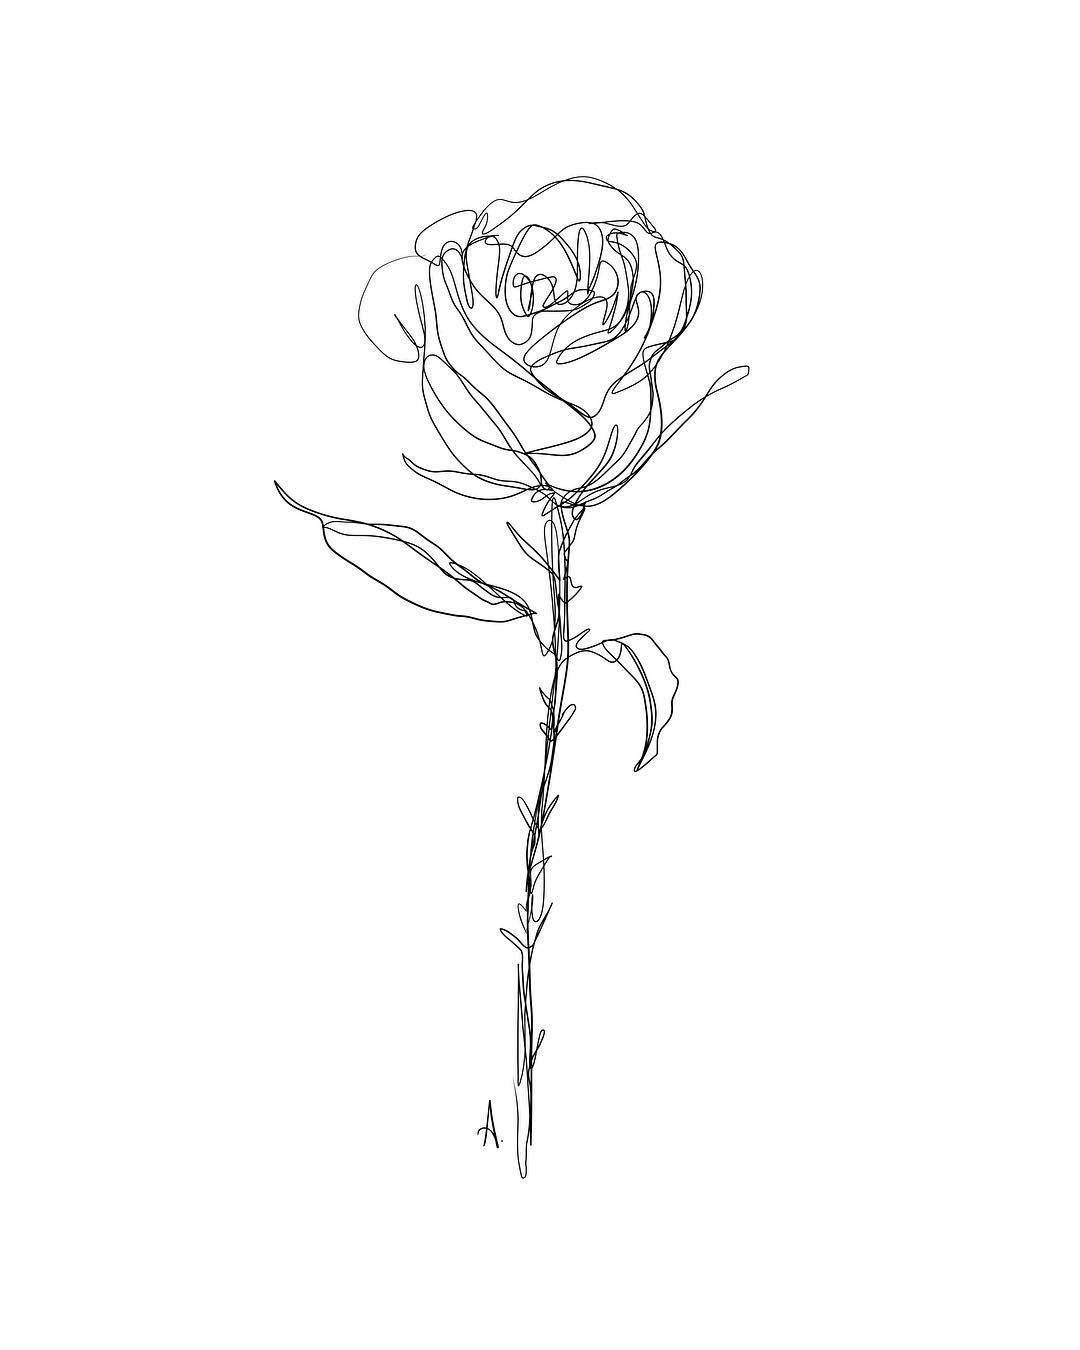 Pin By Lisette On Art Rose Line Art Line Art Drawings Line Art Tattoos